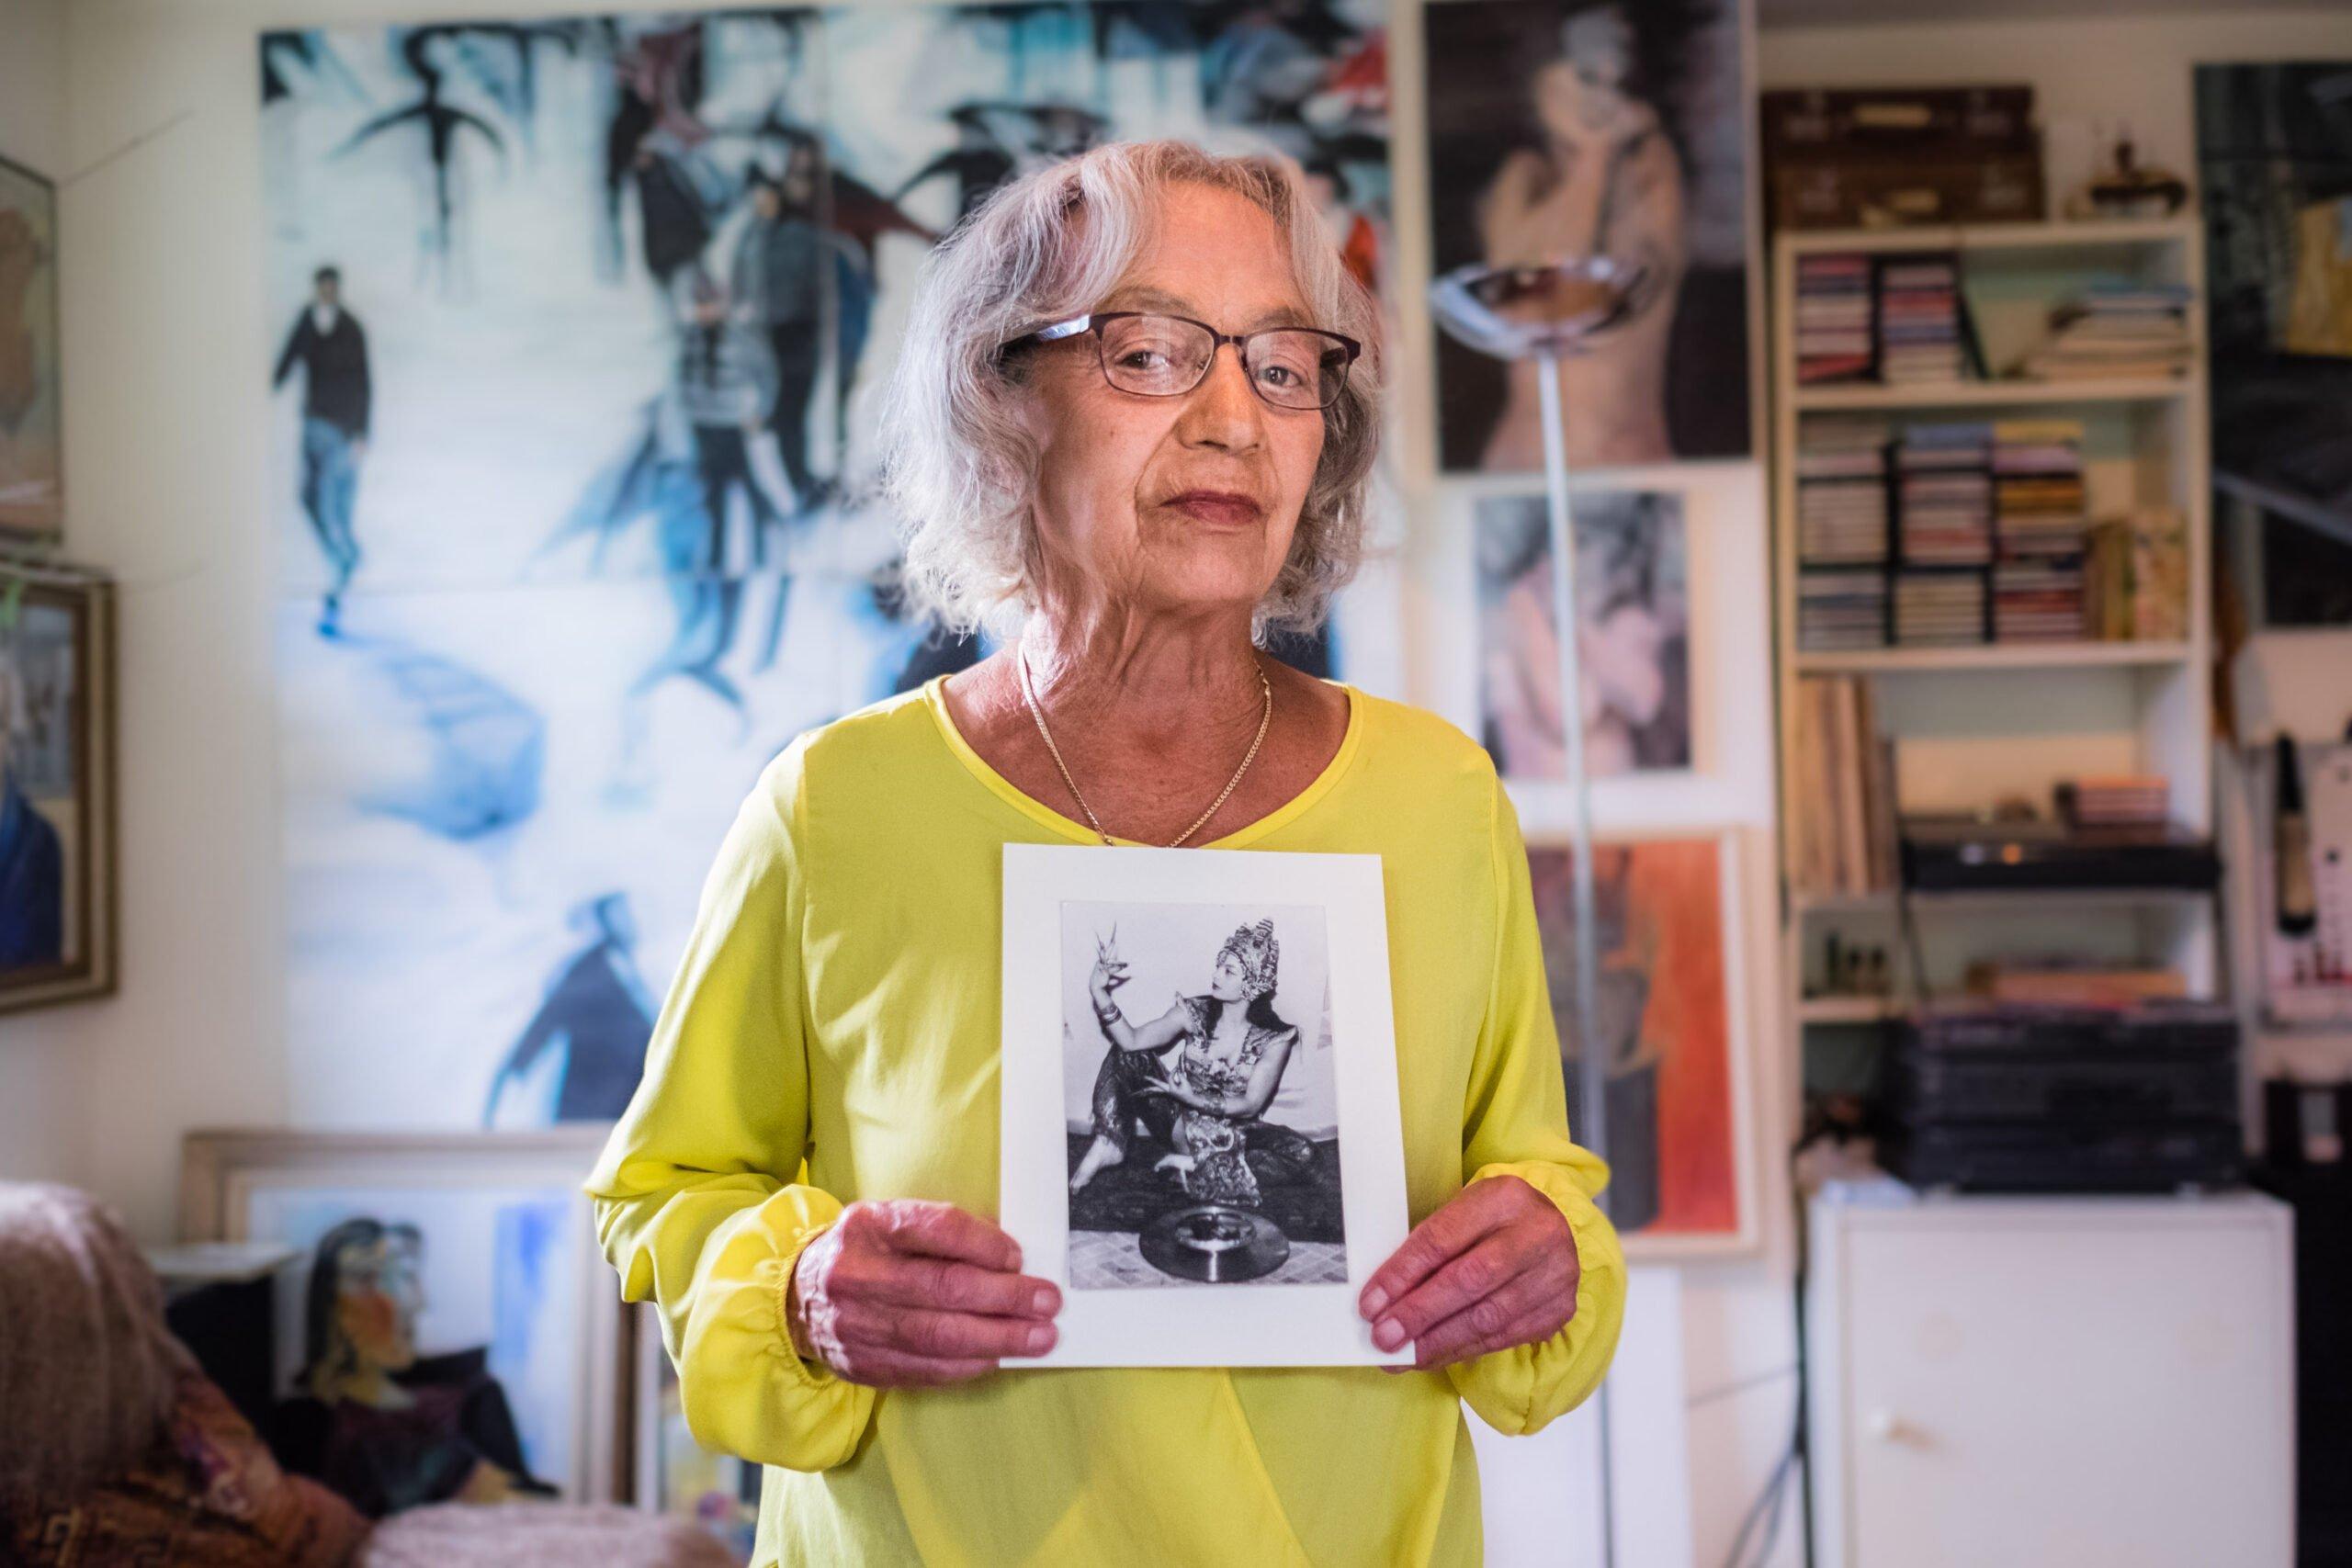 Sonja Schröter mit einer Setcard